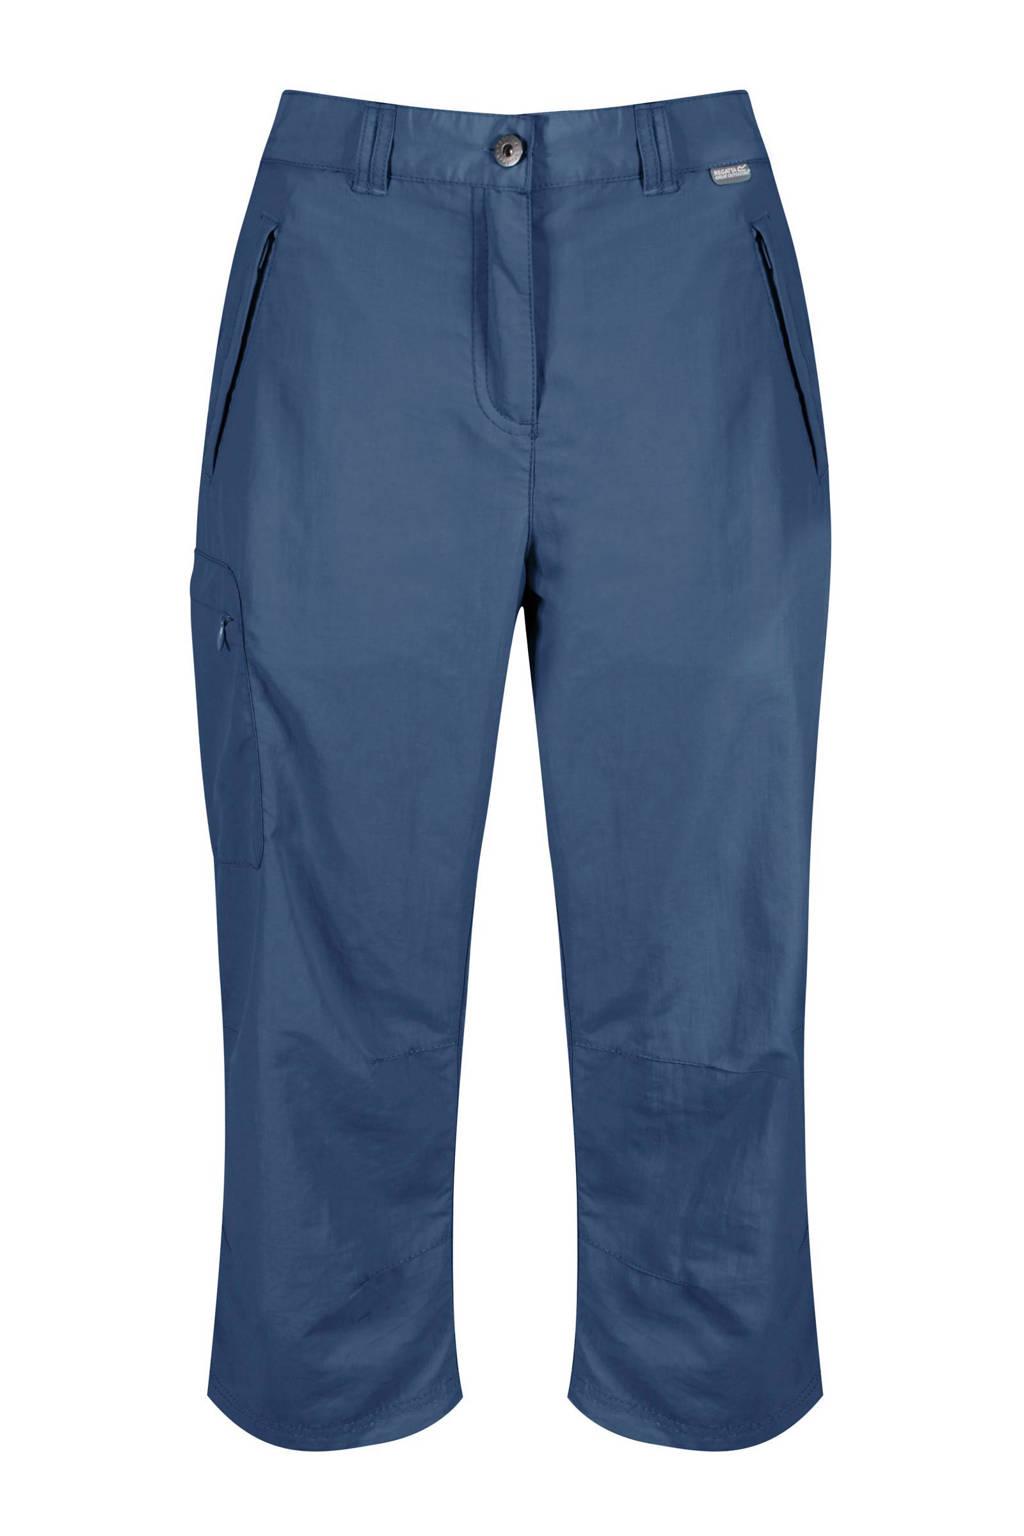 Regatta 7/8 outdoor broek Chaska blauw, Blauw